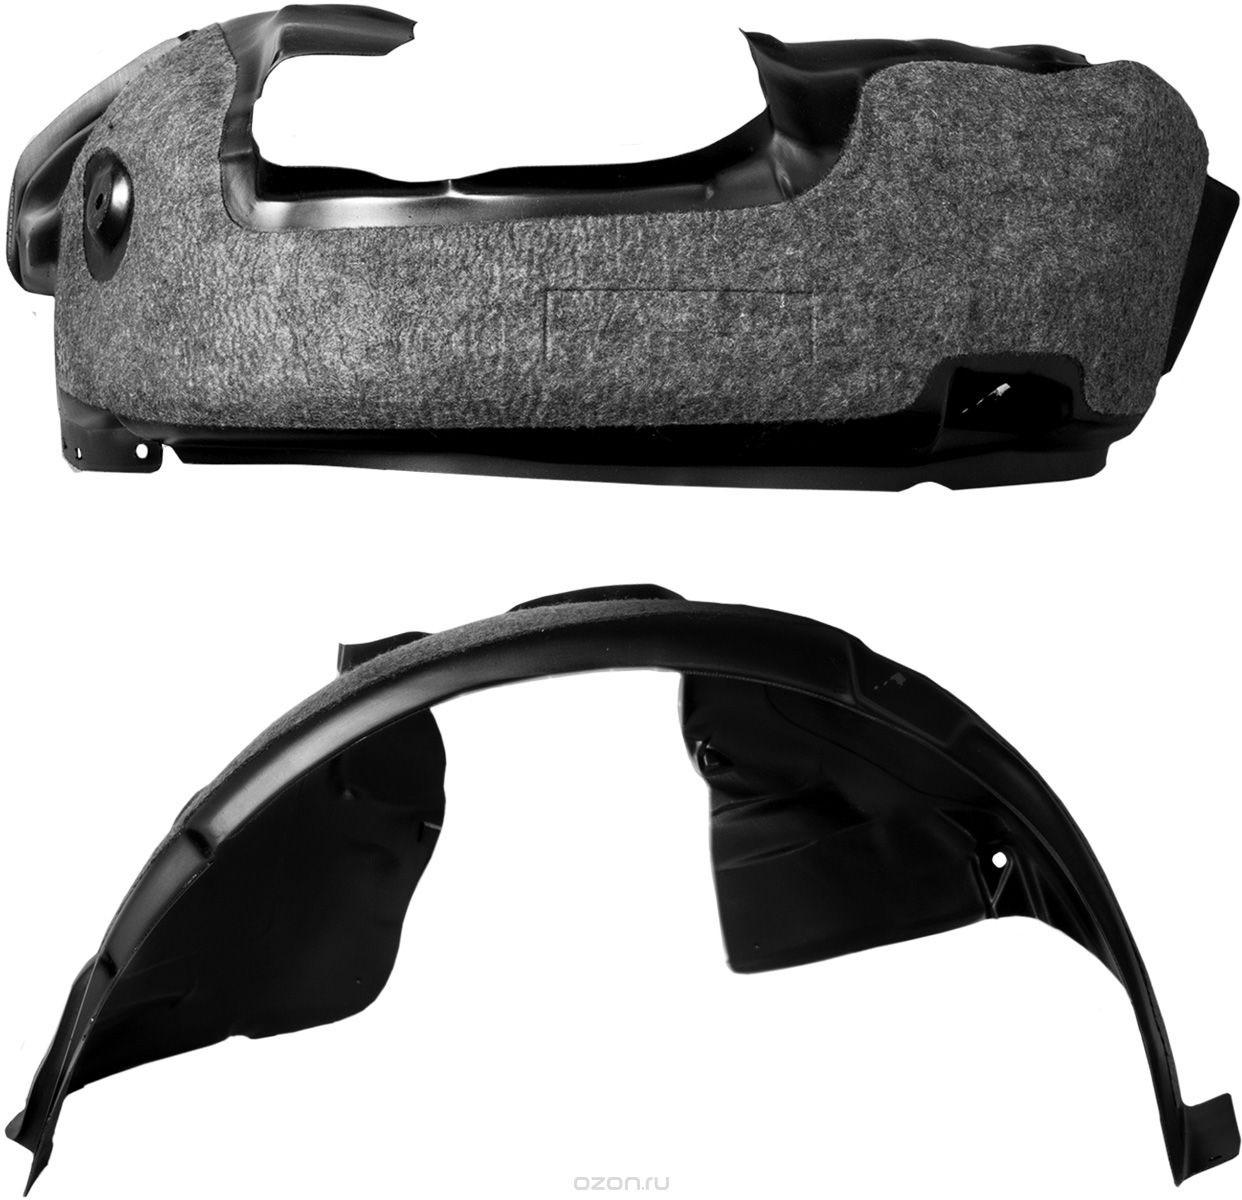 Подкрылок Novline-Autofamily, с шумоизоляцией, для MITSUBISHI Outlander, 2015->, передний правый42803004Идеальная защита колесной ниши. Локеры разработаны с применением цифровых технологий, гарантируют максимальную повторяемость поверхности арки. Изделия устанавливаются без нарушения лакокрасочного покрытия автомобиля, каждый подкрылок комплектуется крепежом. Уважаемые клиенты, обращаем ваше внимание, что фотографии на подкрылки универсальные и не отражают реальную форму изделия. При этом само изделие идет точно под размер указанного автомобиля.